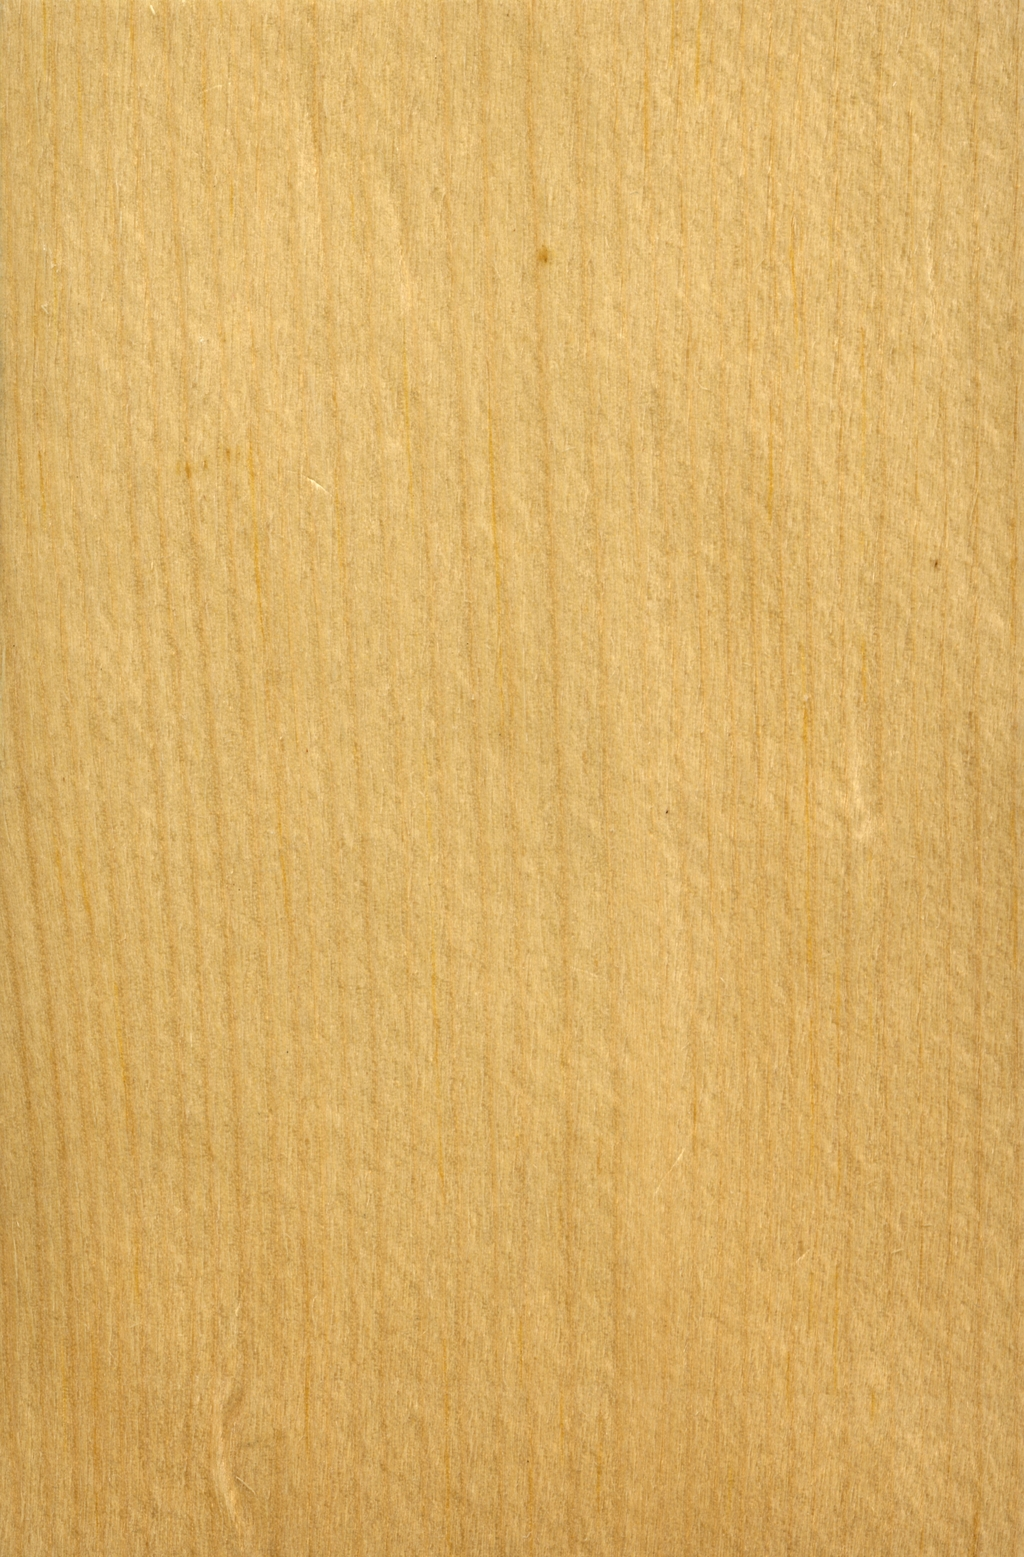 实木材质贴图模板下载(图片编号:12290967)